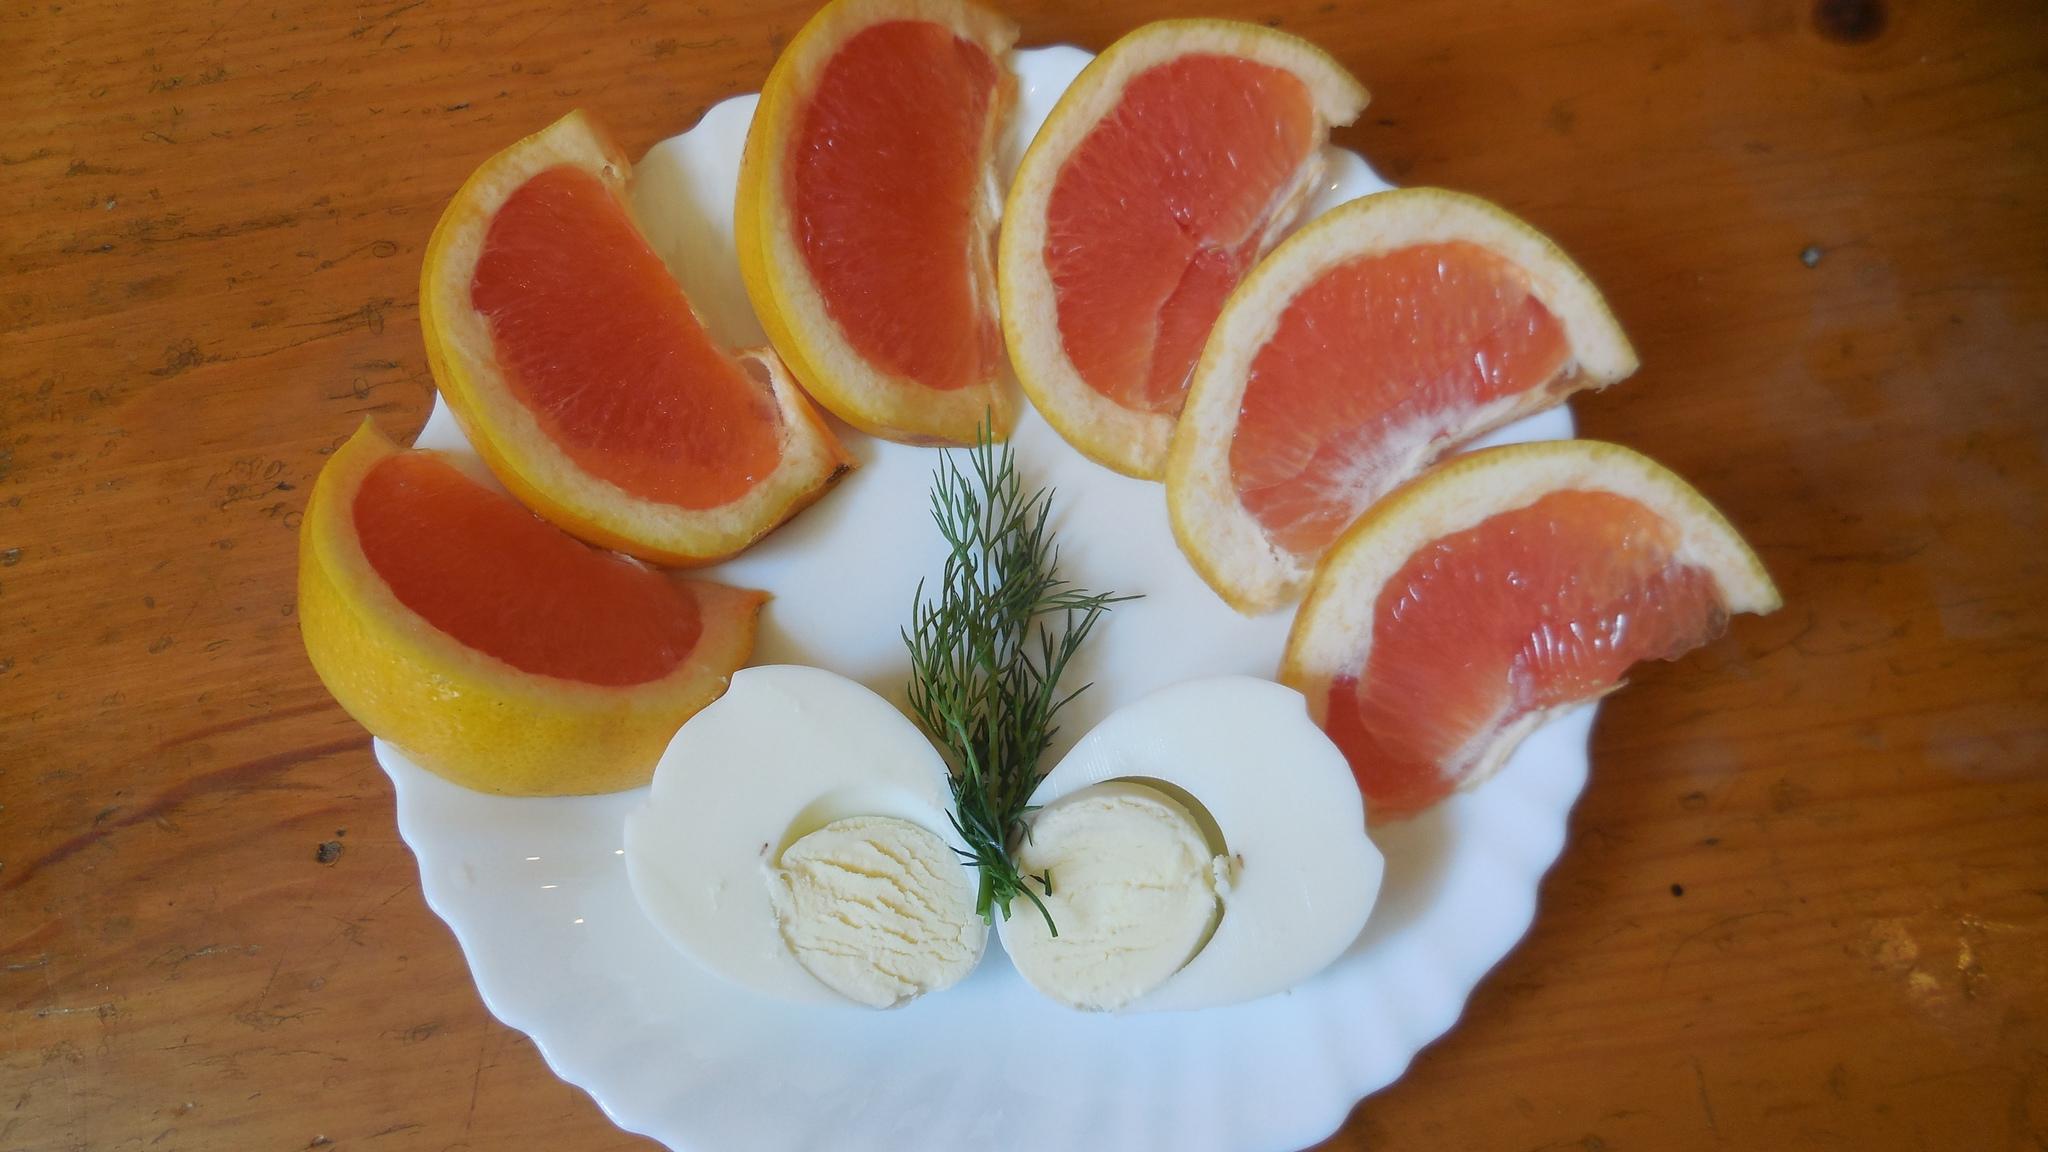 Диета Белок С Грейпфрутом. Грейпфрутовая диета